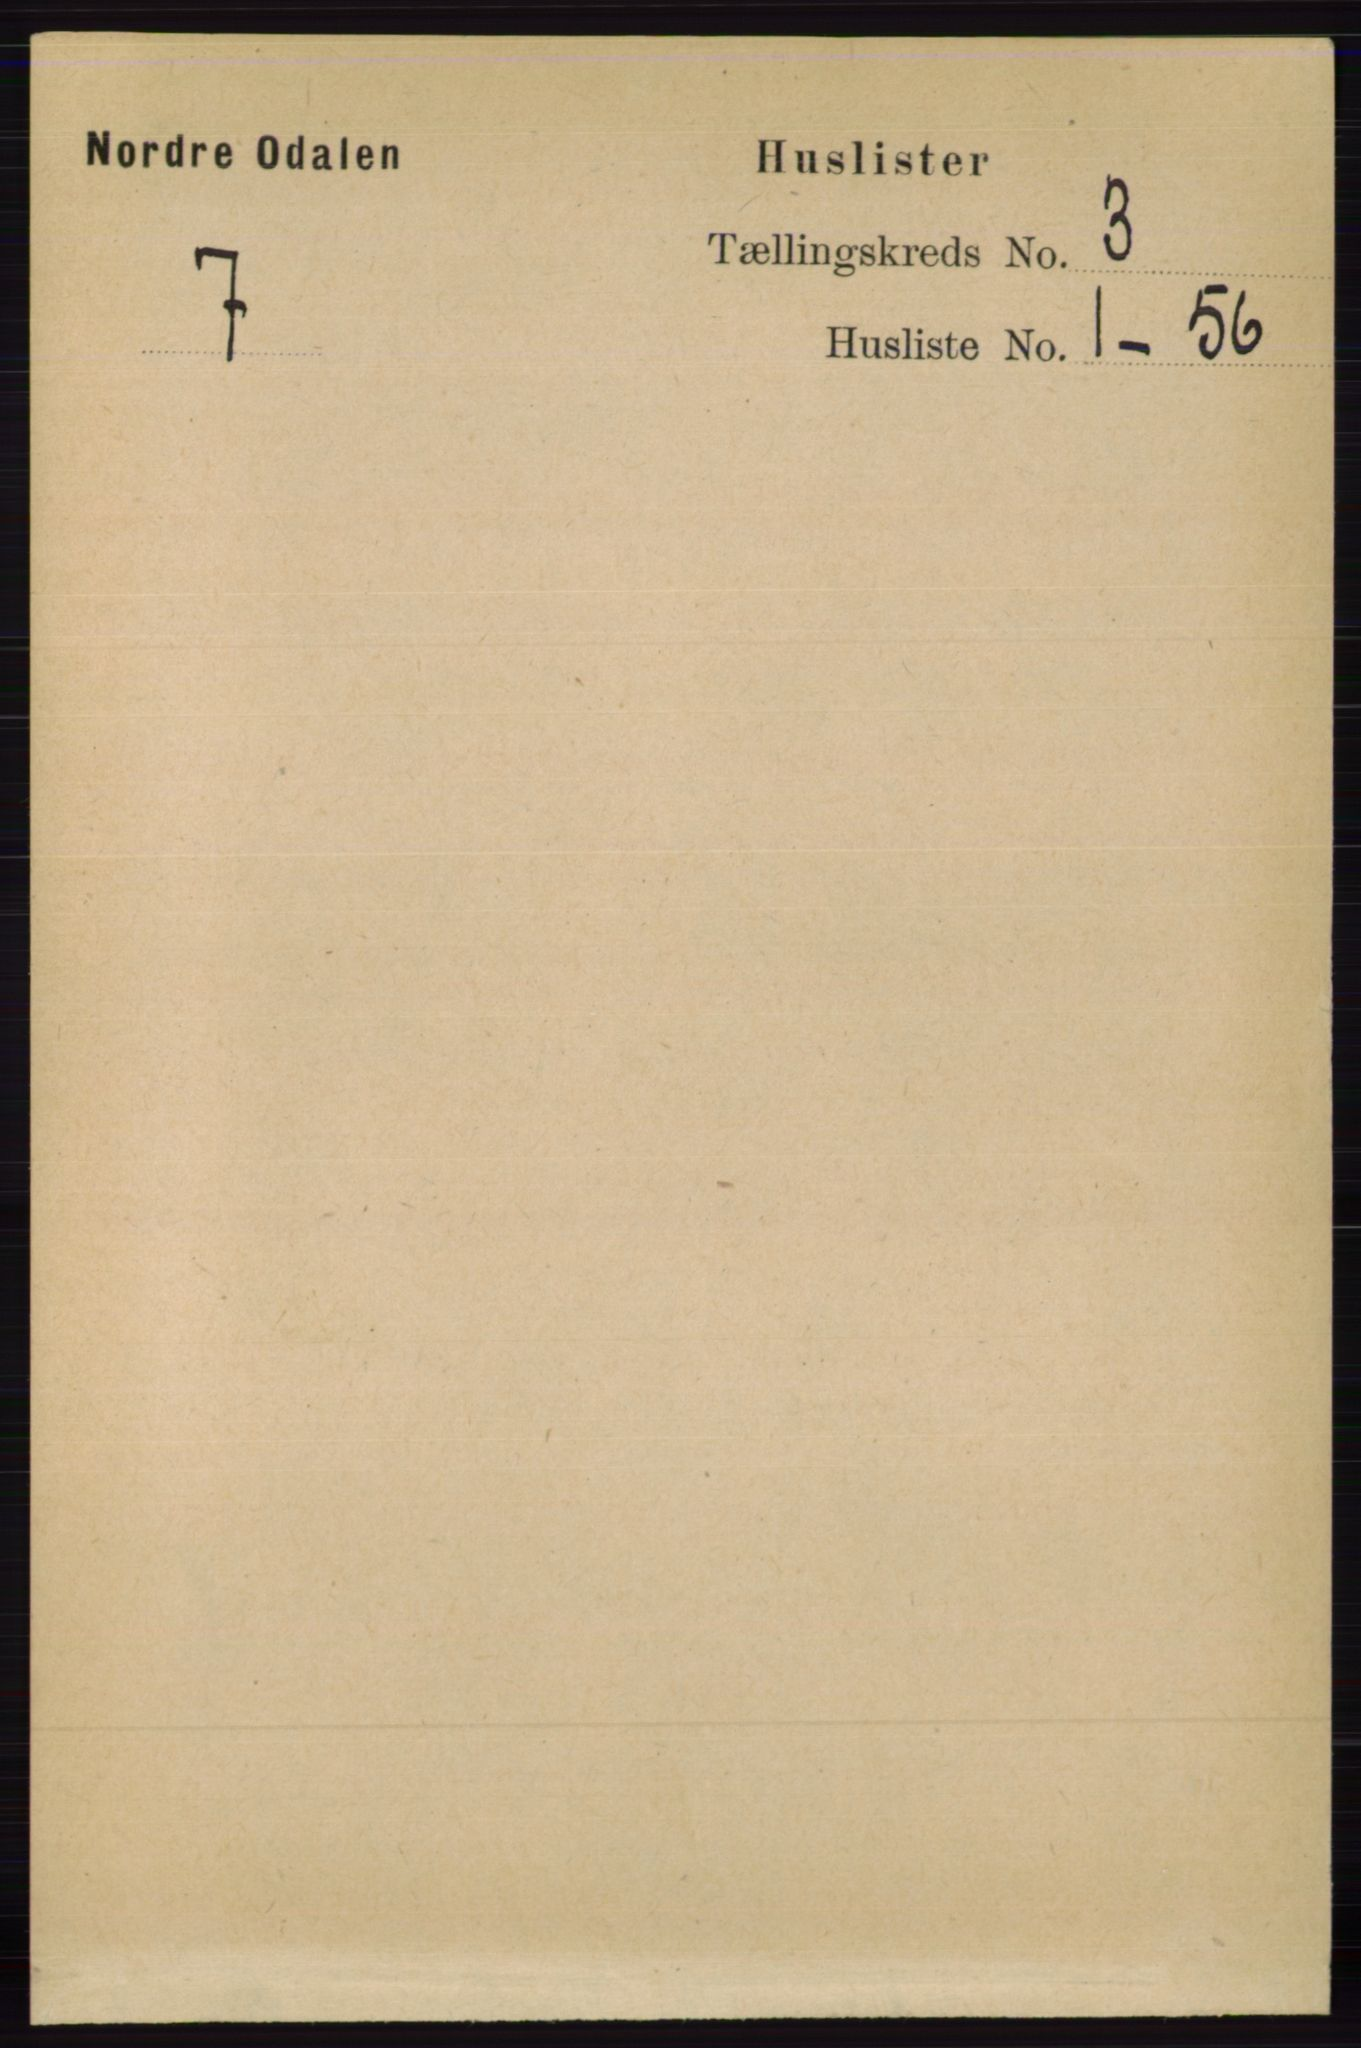 RA, Folketelling 1891 for 0418 Nord-Odal herred, 1891, s. 760